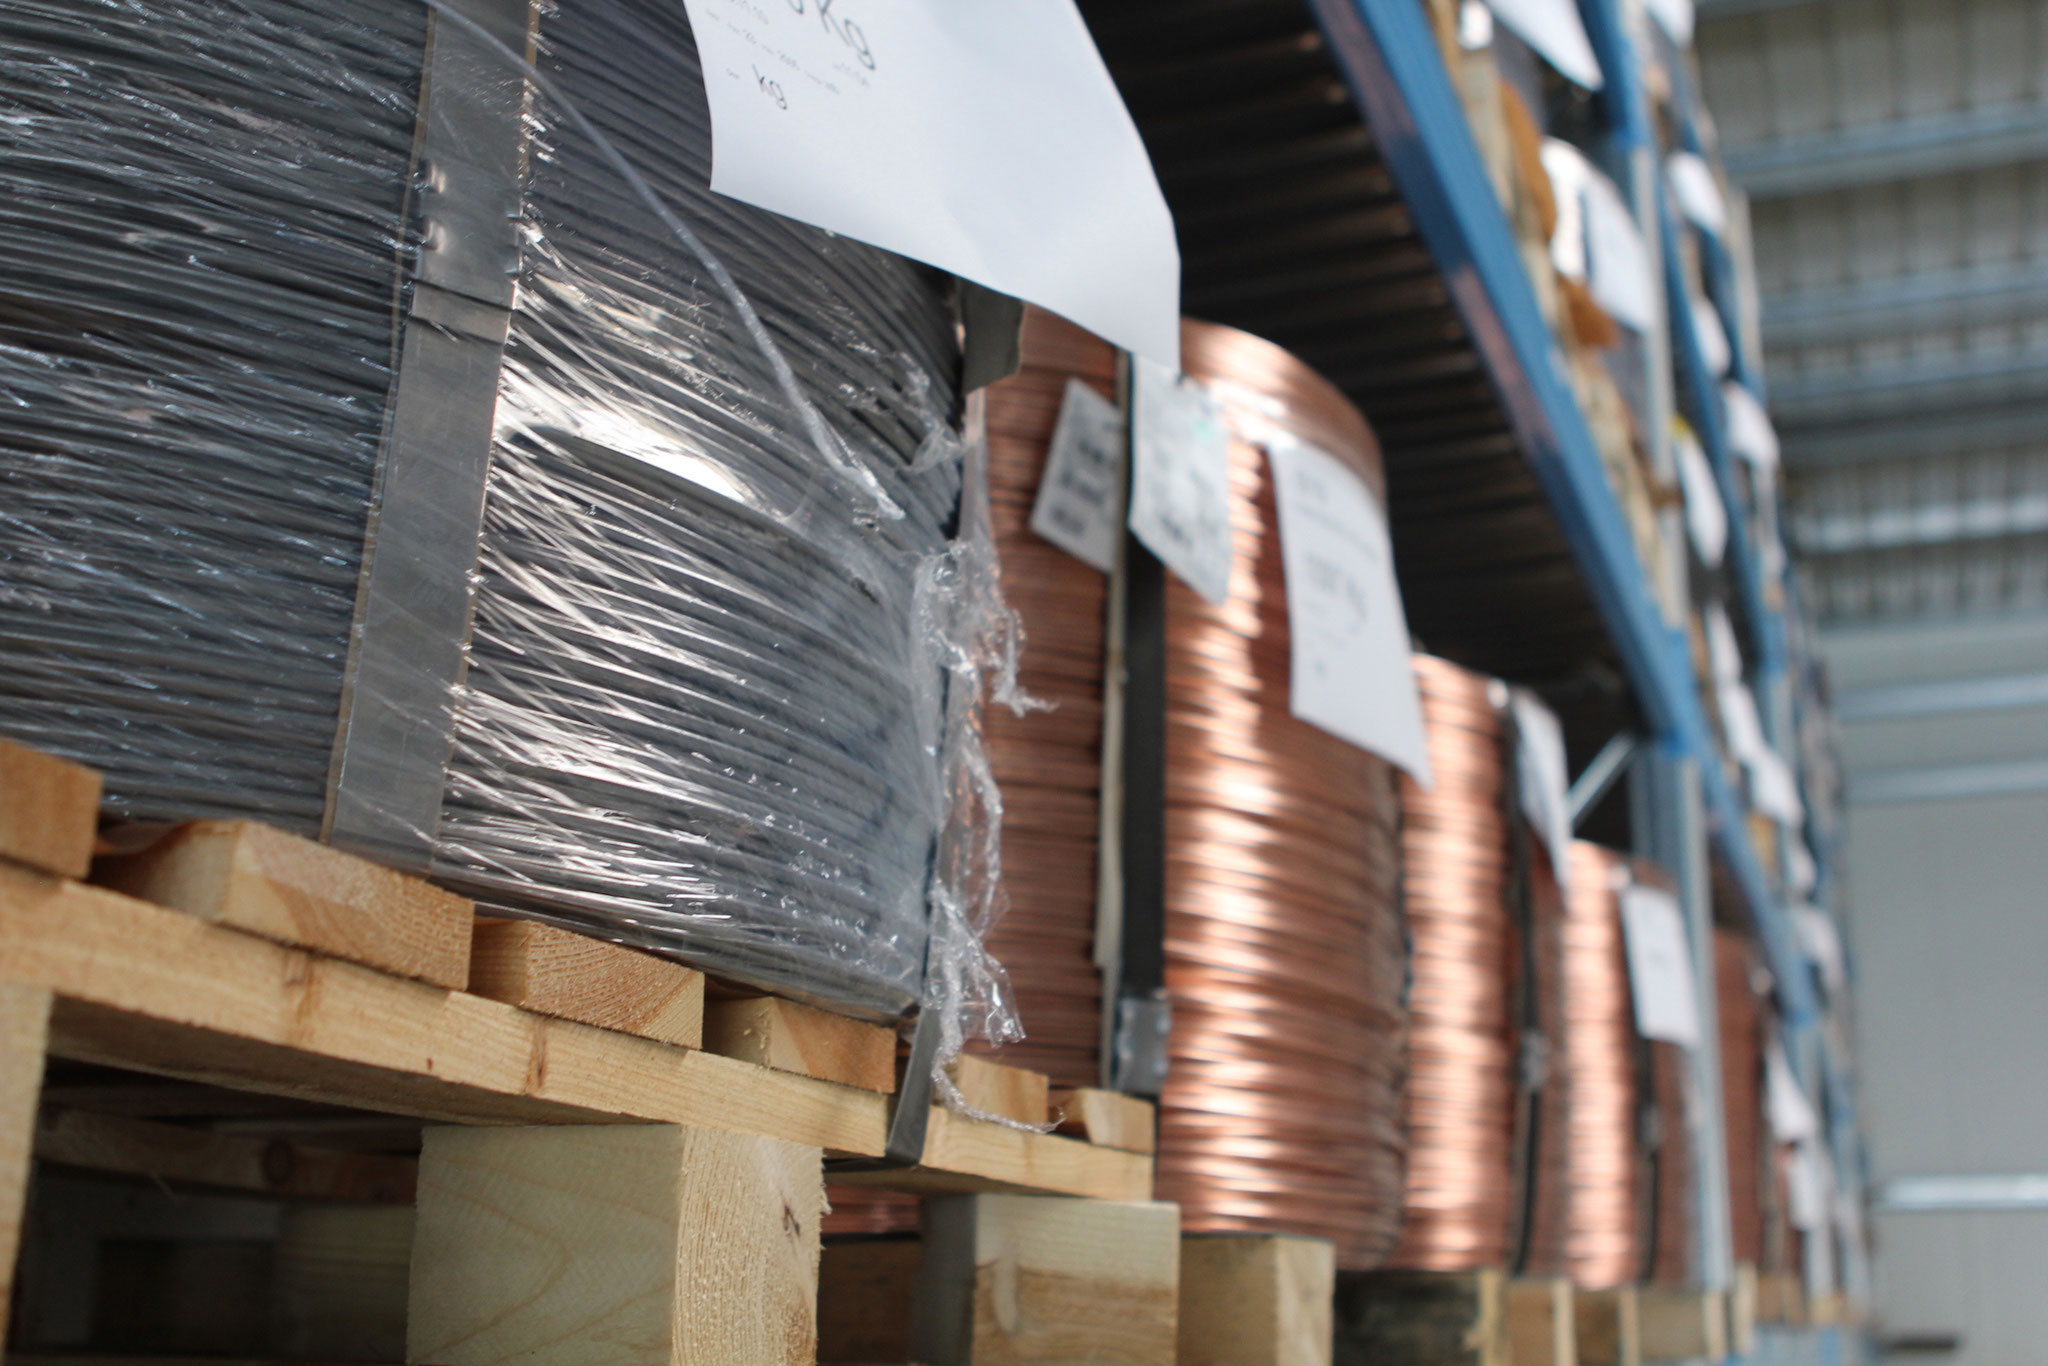 Nachdem ihr Produkt in unserer hauseigenen Konstruktion auf die Herstellbarkeit geprüft wurde, können sie bei uns lagerseitig aus über 50 verschiedenen Materialabmessungen und Güten auswählen.